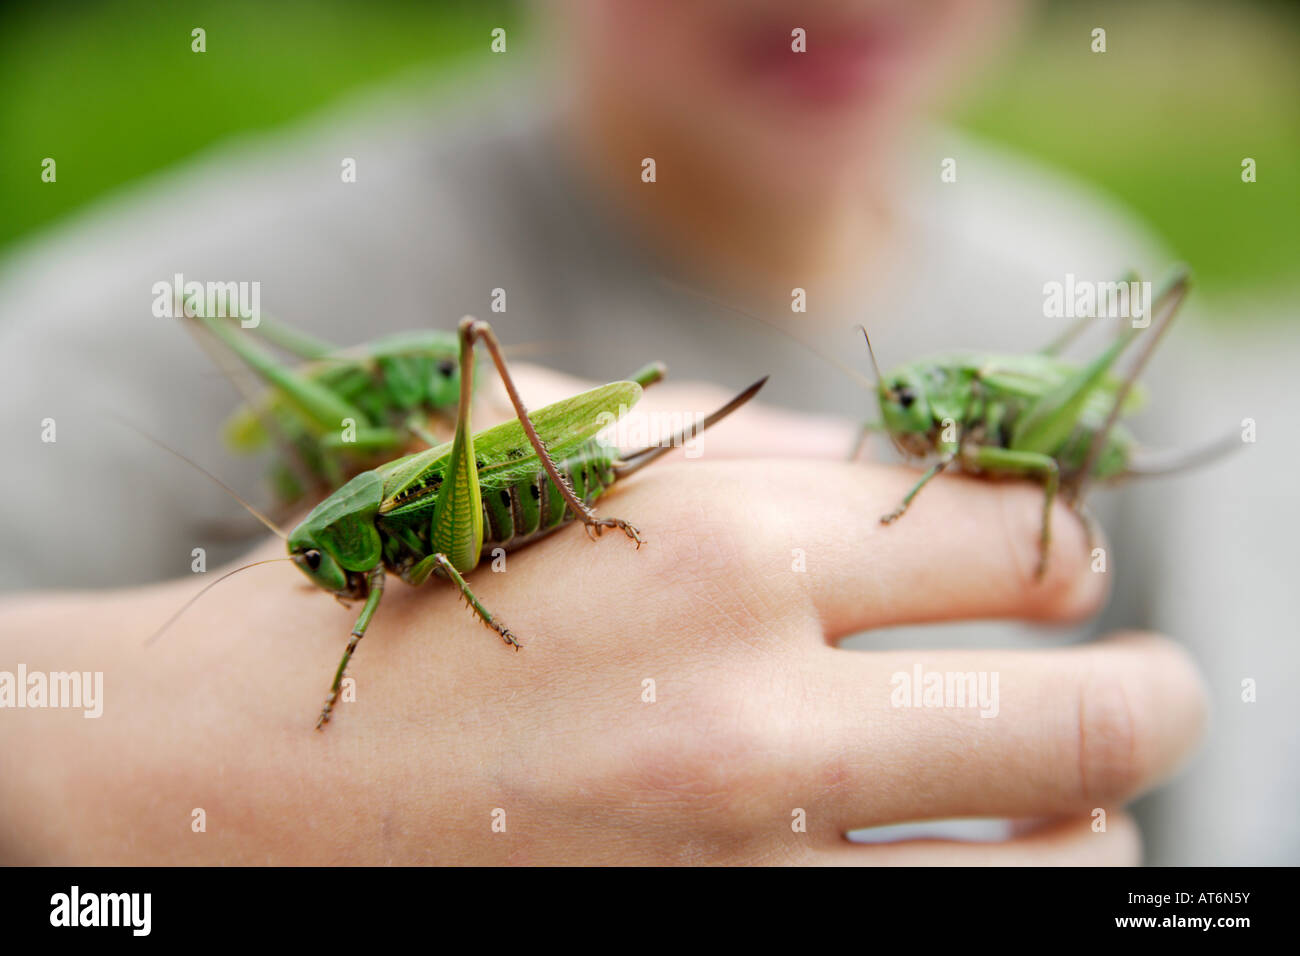 Junge hält lange ? gehörnte Grasshopper, close-up von hand Stockbild